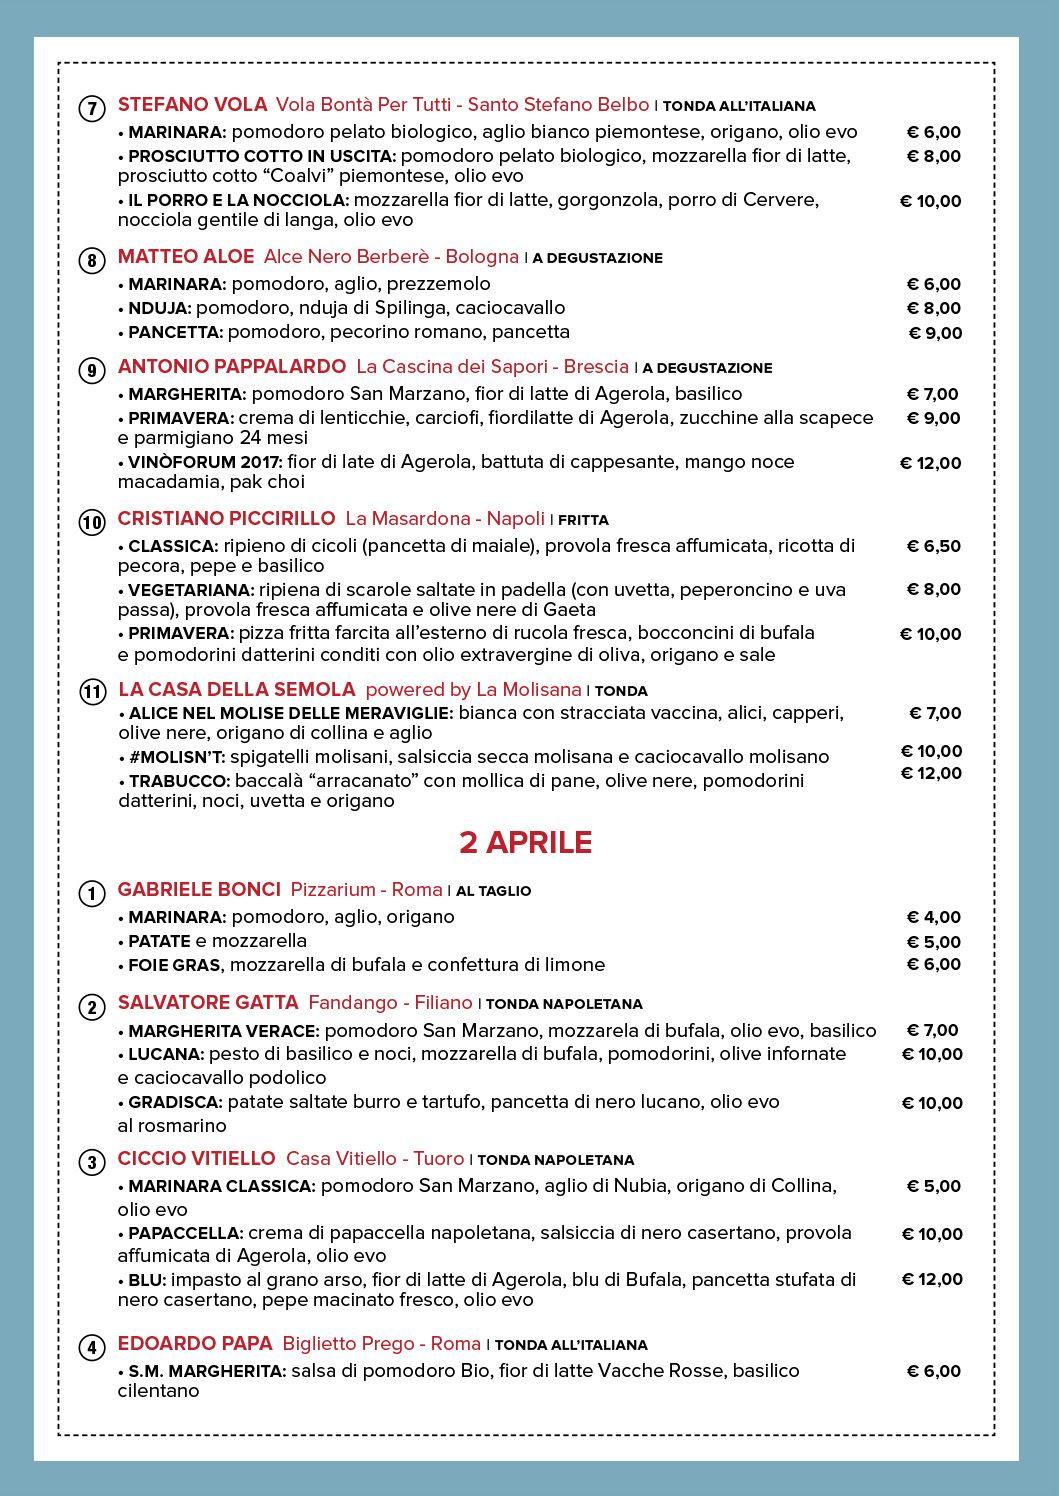 La Città della Pizza a Roma. Il menu della festa di piazza che riunisce 40 maestri pizzaioli - Gambero Rosso